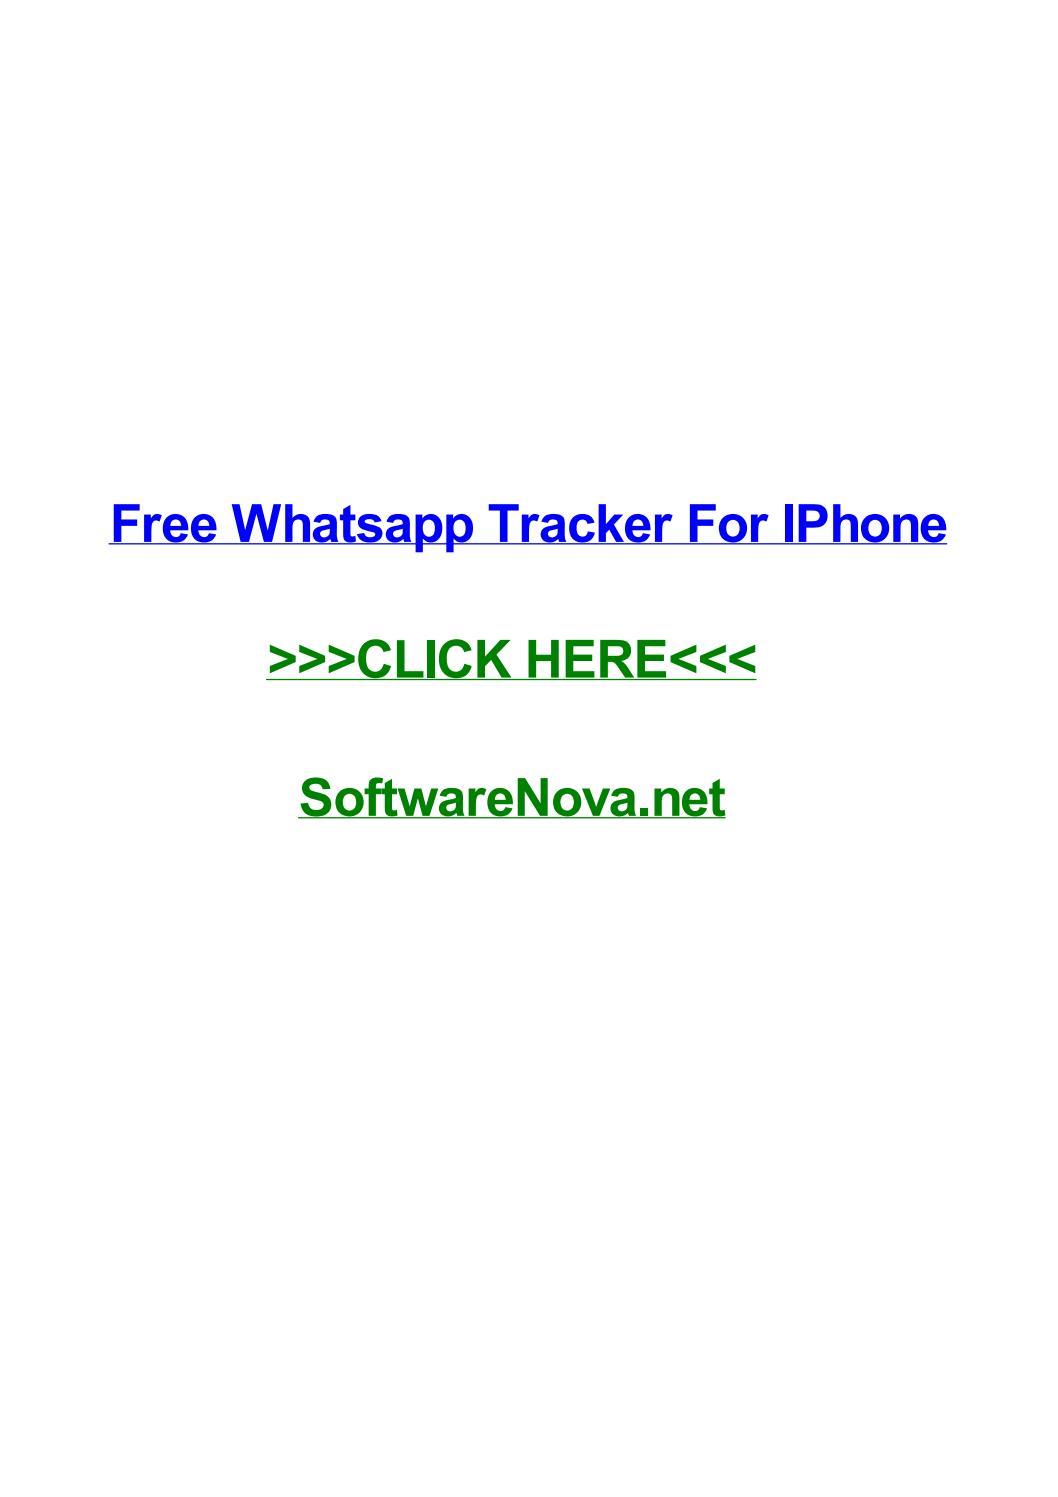 Free whatsapp tracker for iphone by karenfeezx - issuu